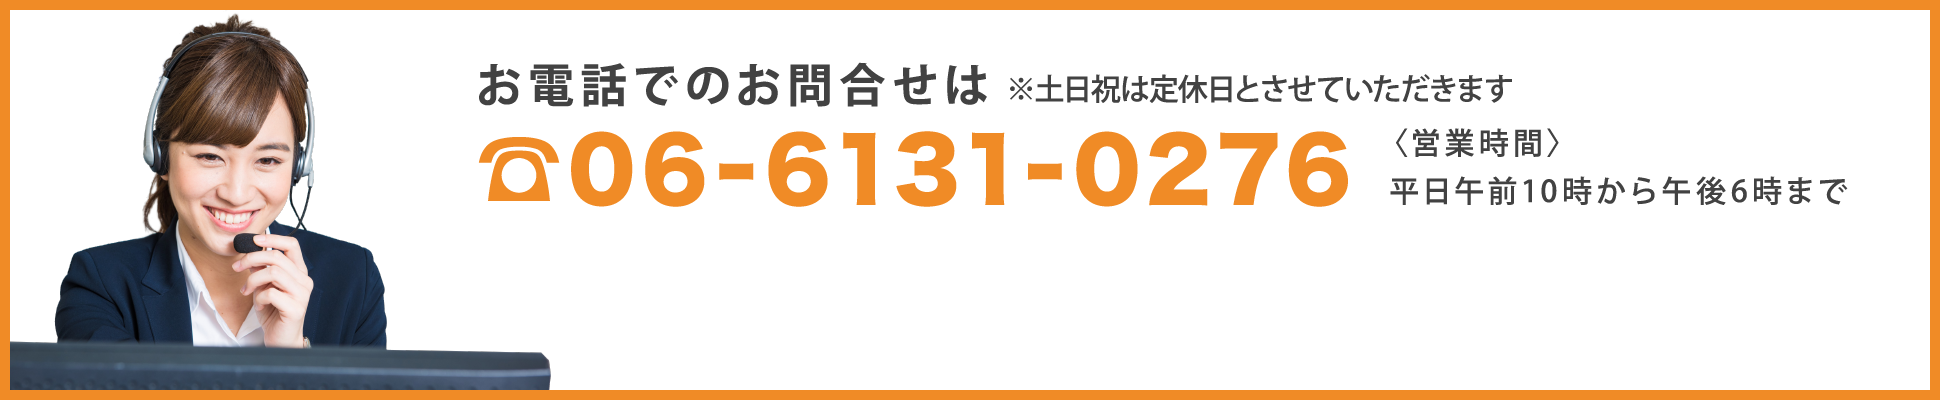 お電話でのお問合せは 06-6131-0276 〈営業時間〉平日午前10時から午後6時まで ※土日祝は定休日とさせていただきます